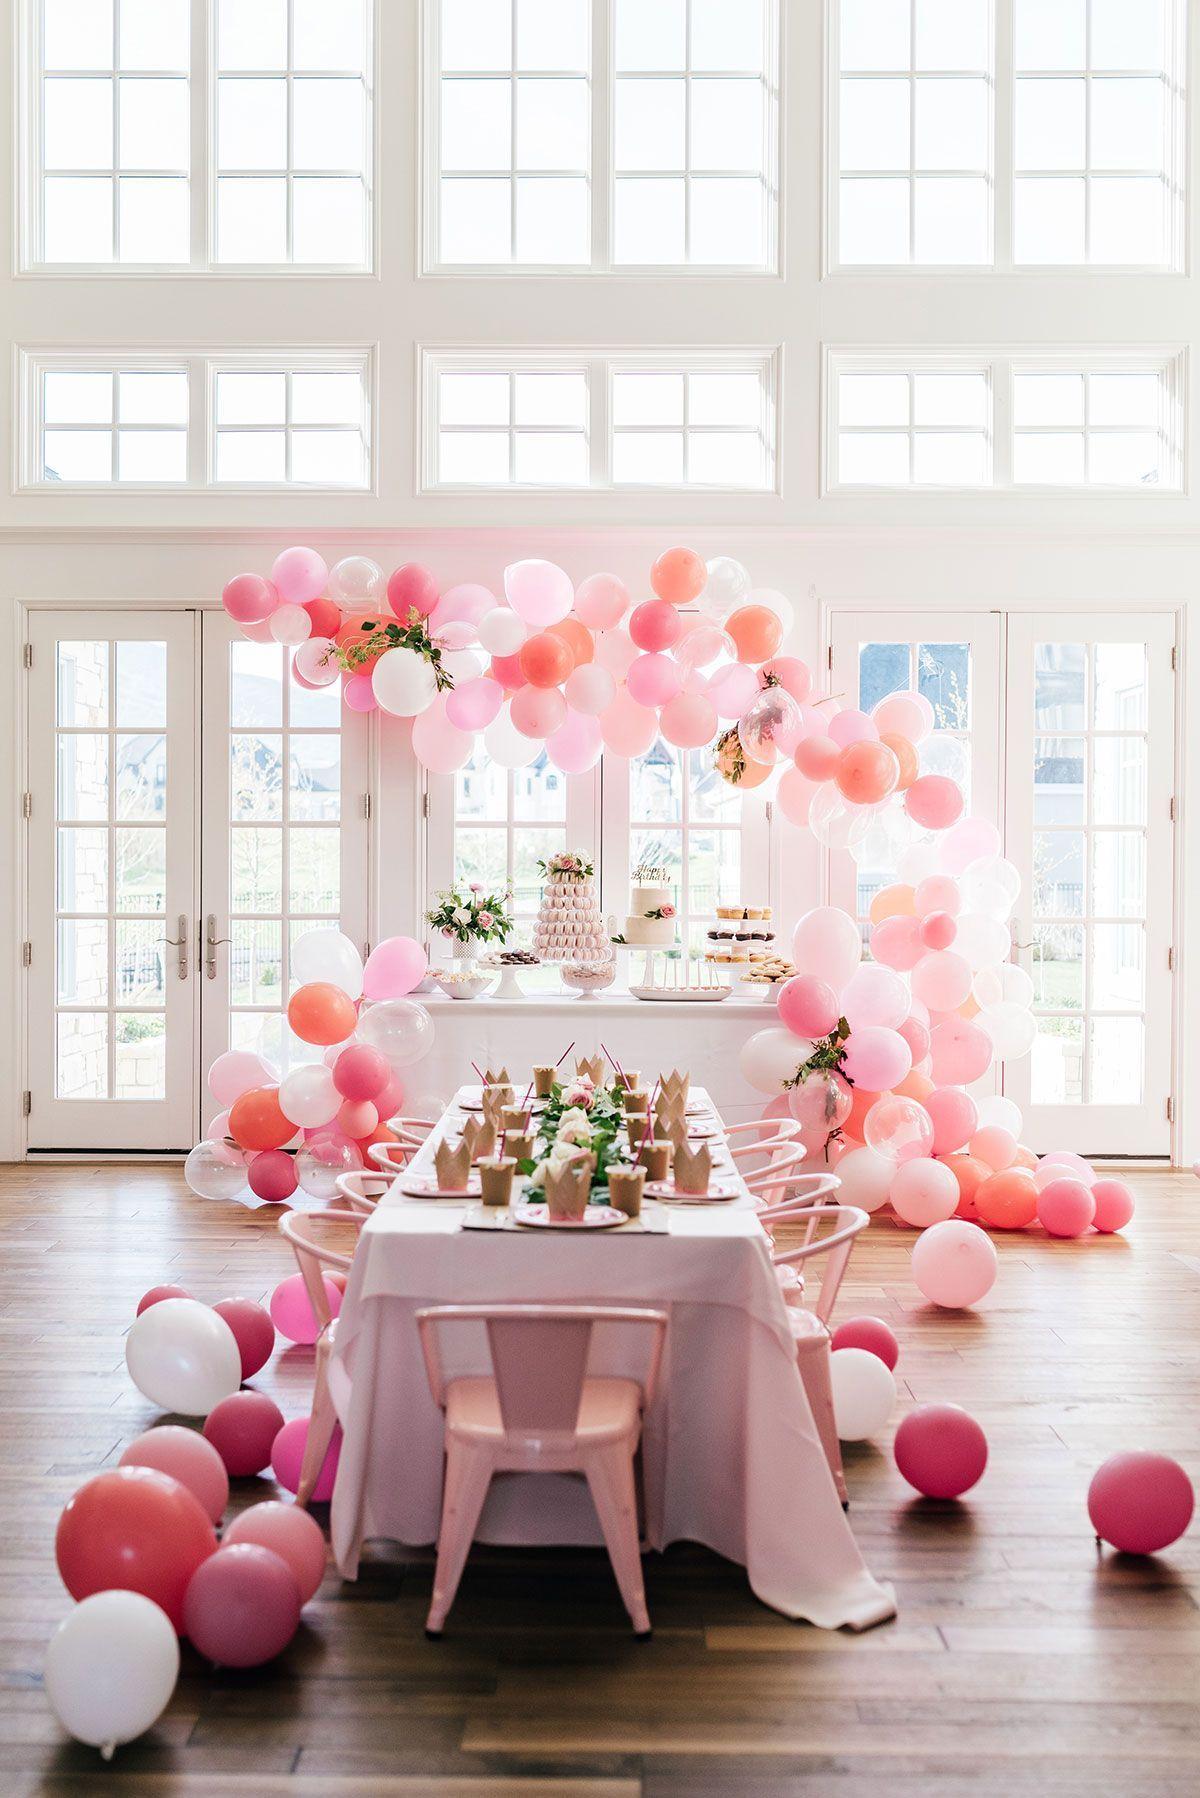 20170625decoracao-com-baloes-14-1.jpg